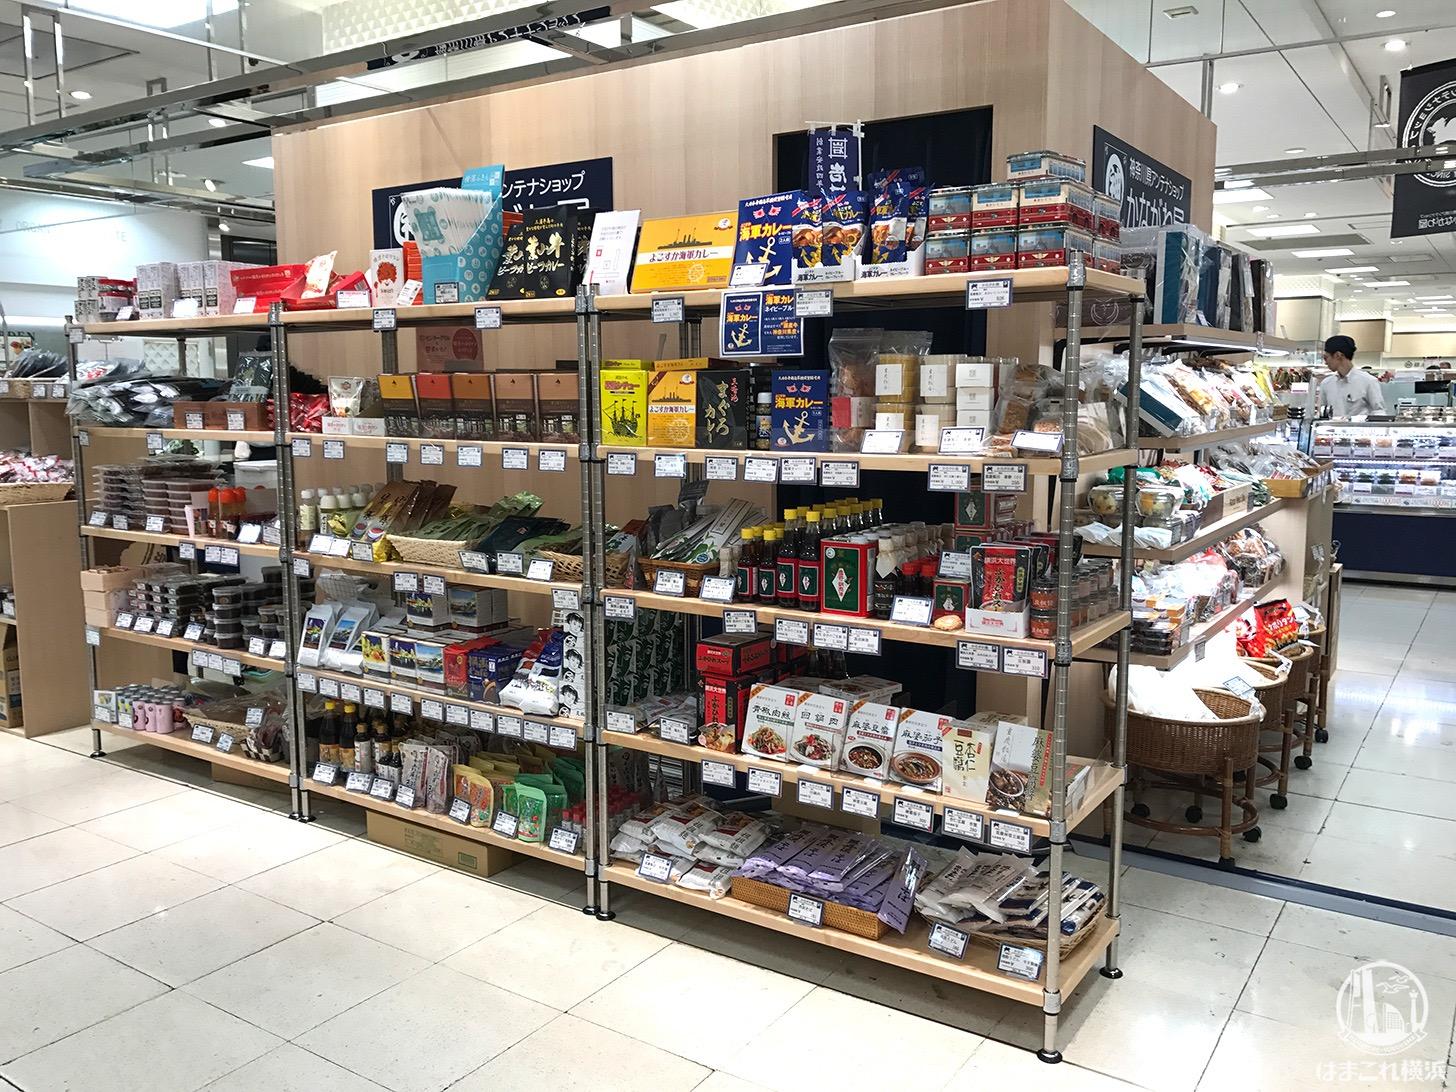 横浜駅 東口「そごう横浜店」かながわ屋